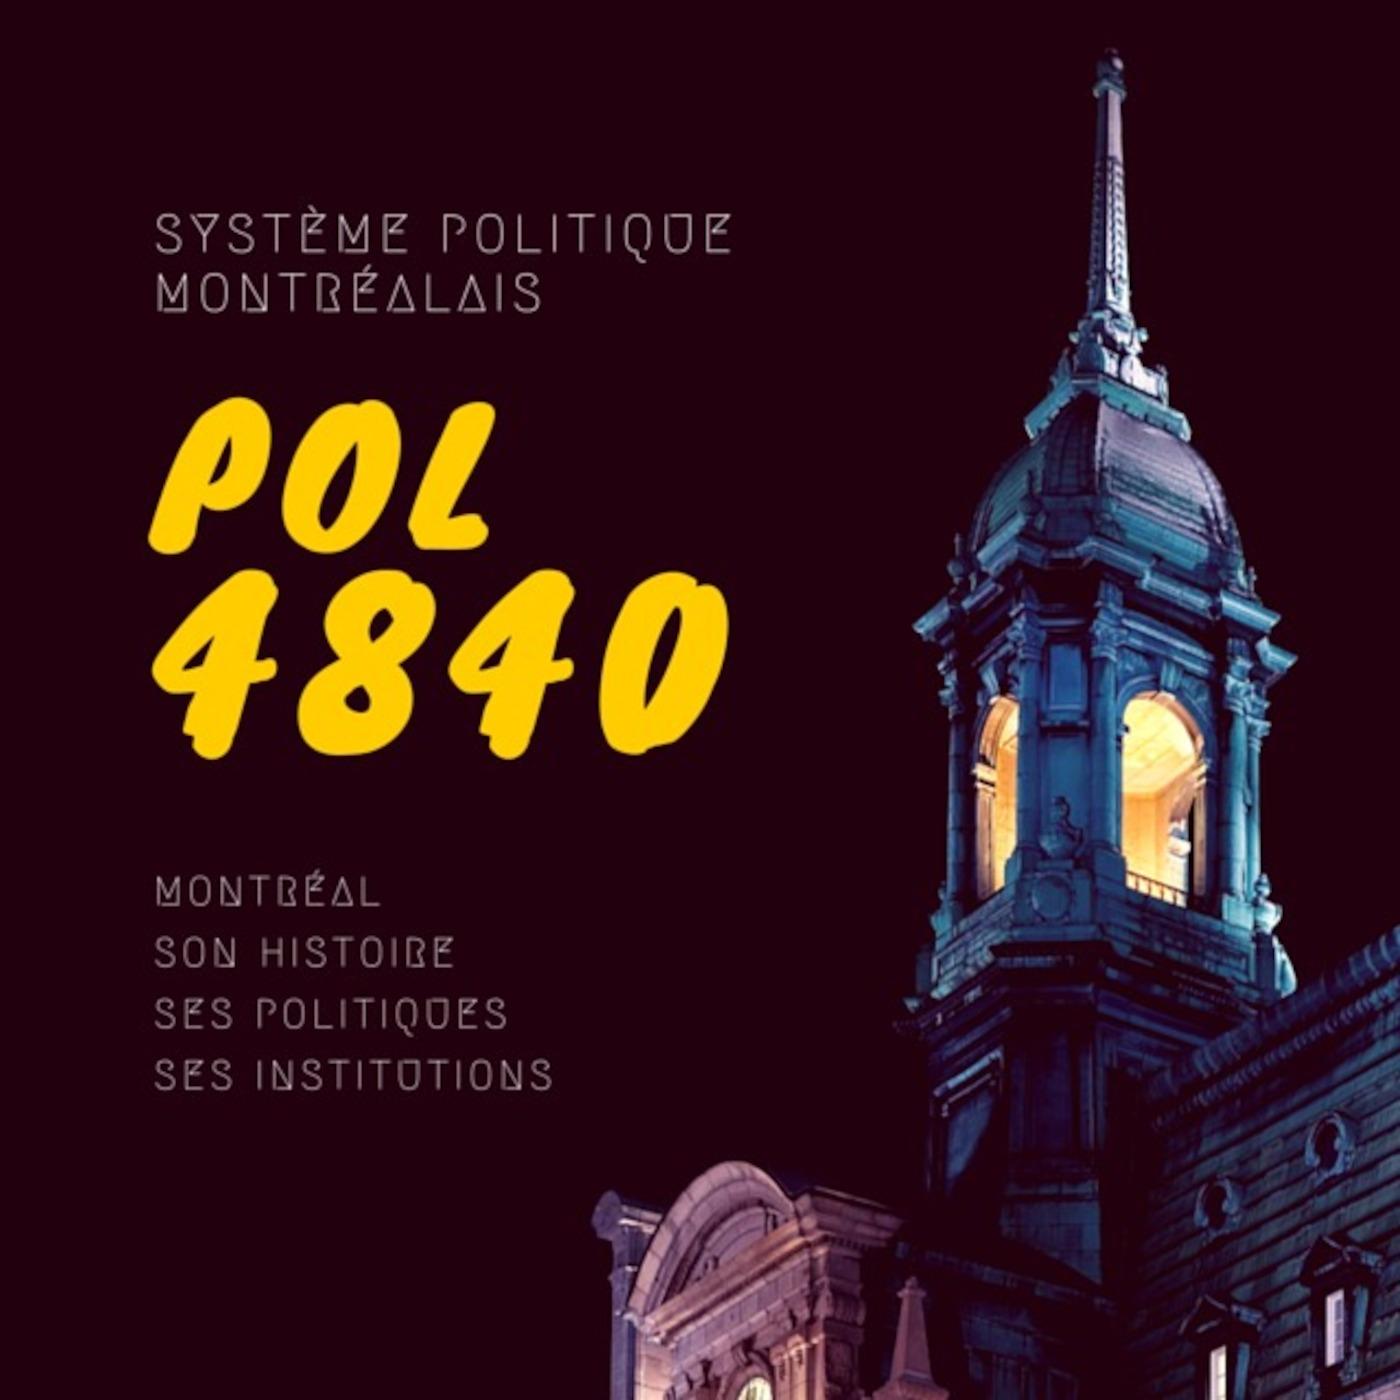 Système politique montréalais